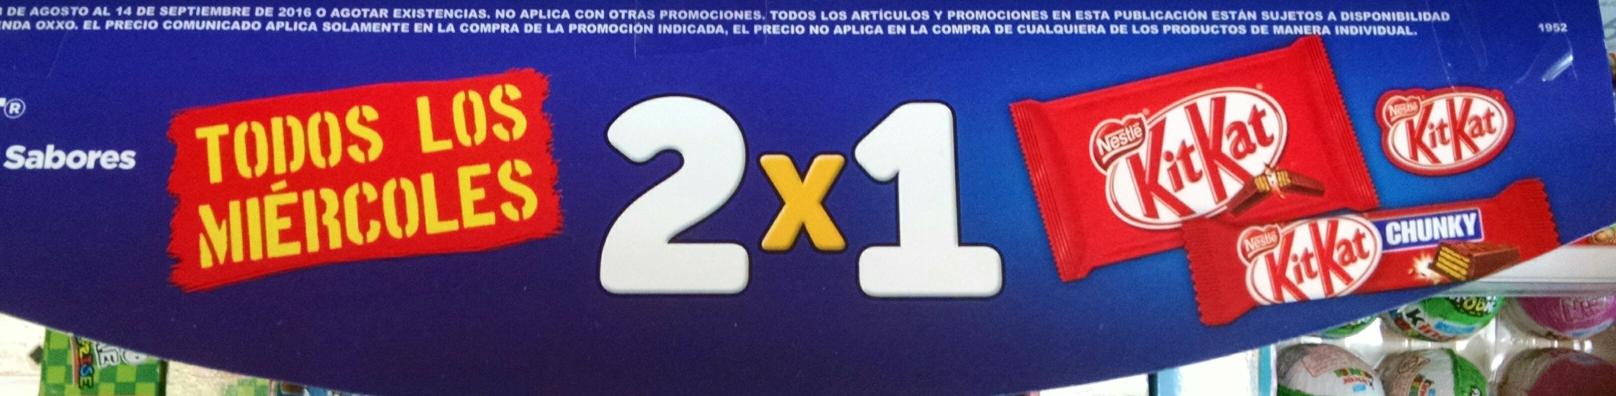 Oxxo: Kit Kat 2x1 los días miércoles y combo de 2 Kit Kat o Crunch por $20 cualquier día